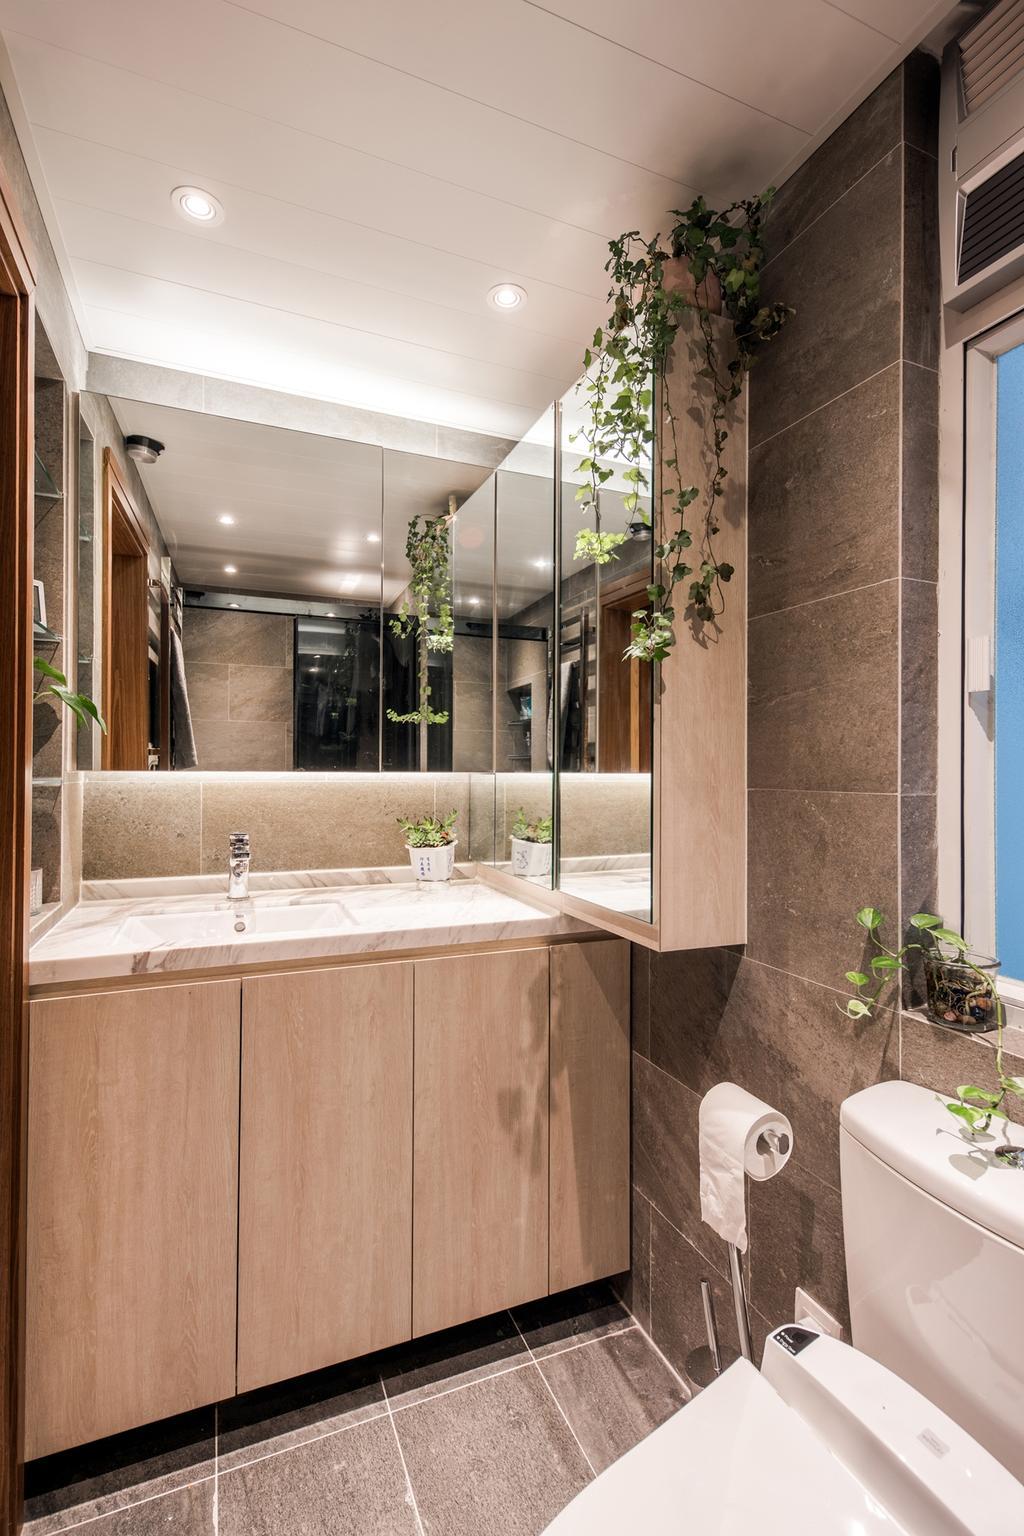 當代, 私家樓, 浴室, 華翠園, 室內設計師, BC+ Design Studio, 傳統, Indoors, Interior Design